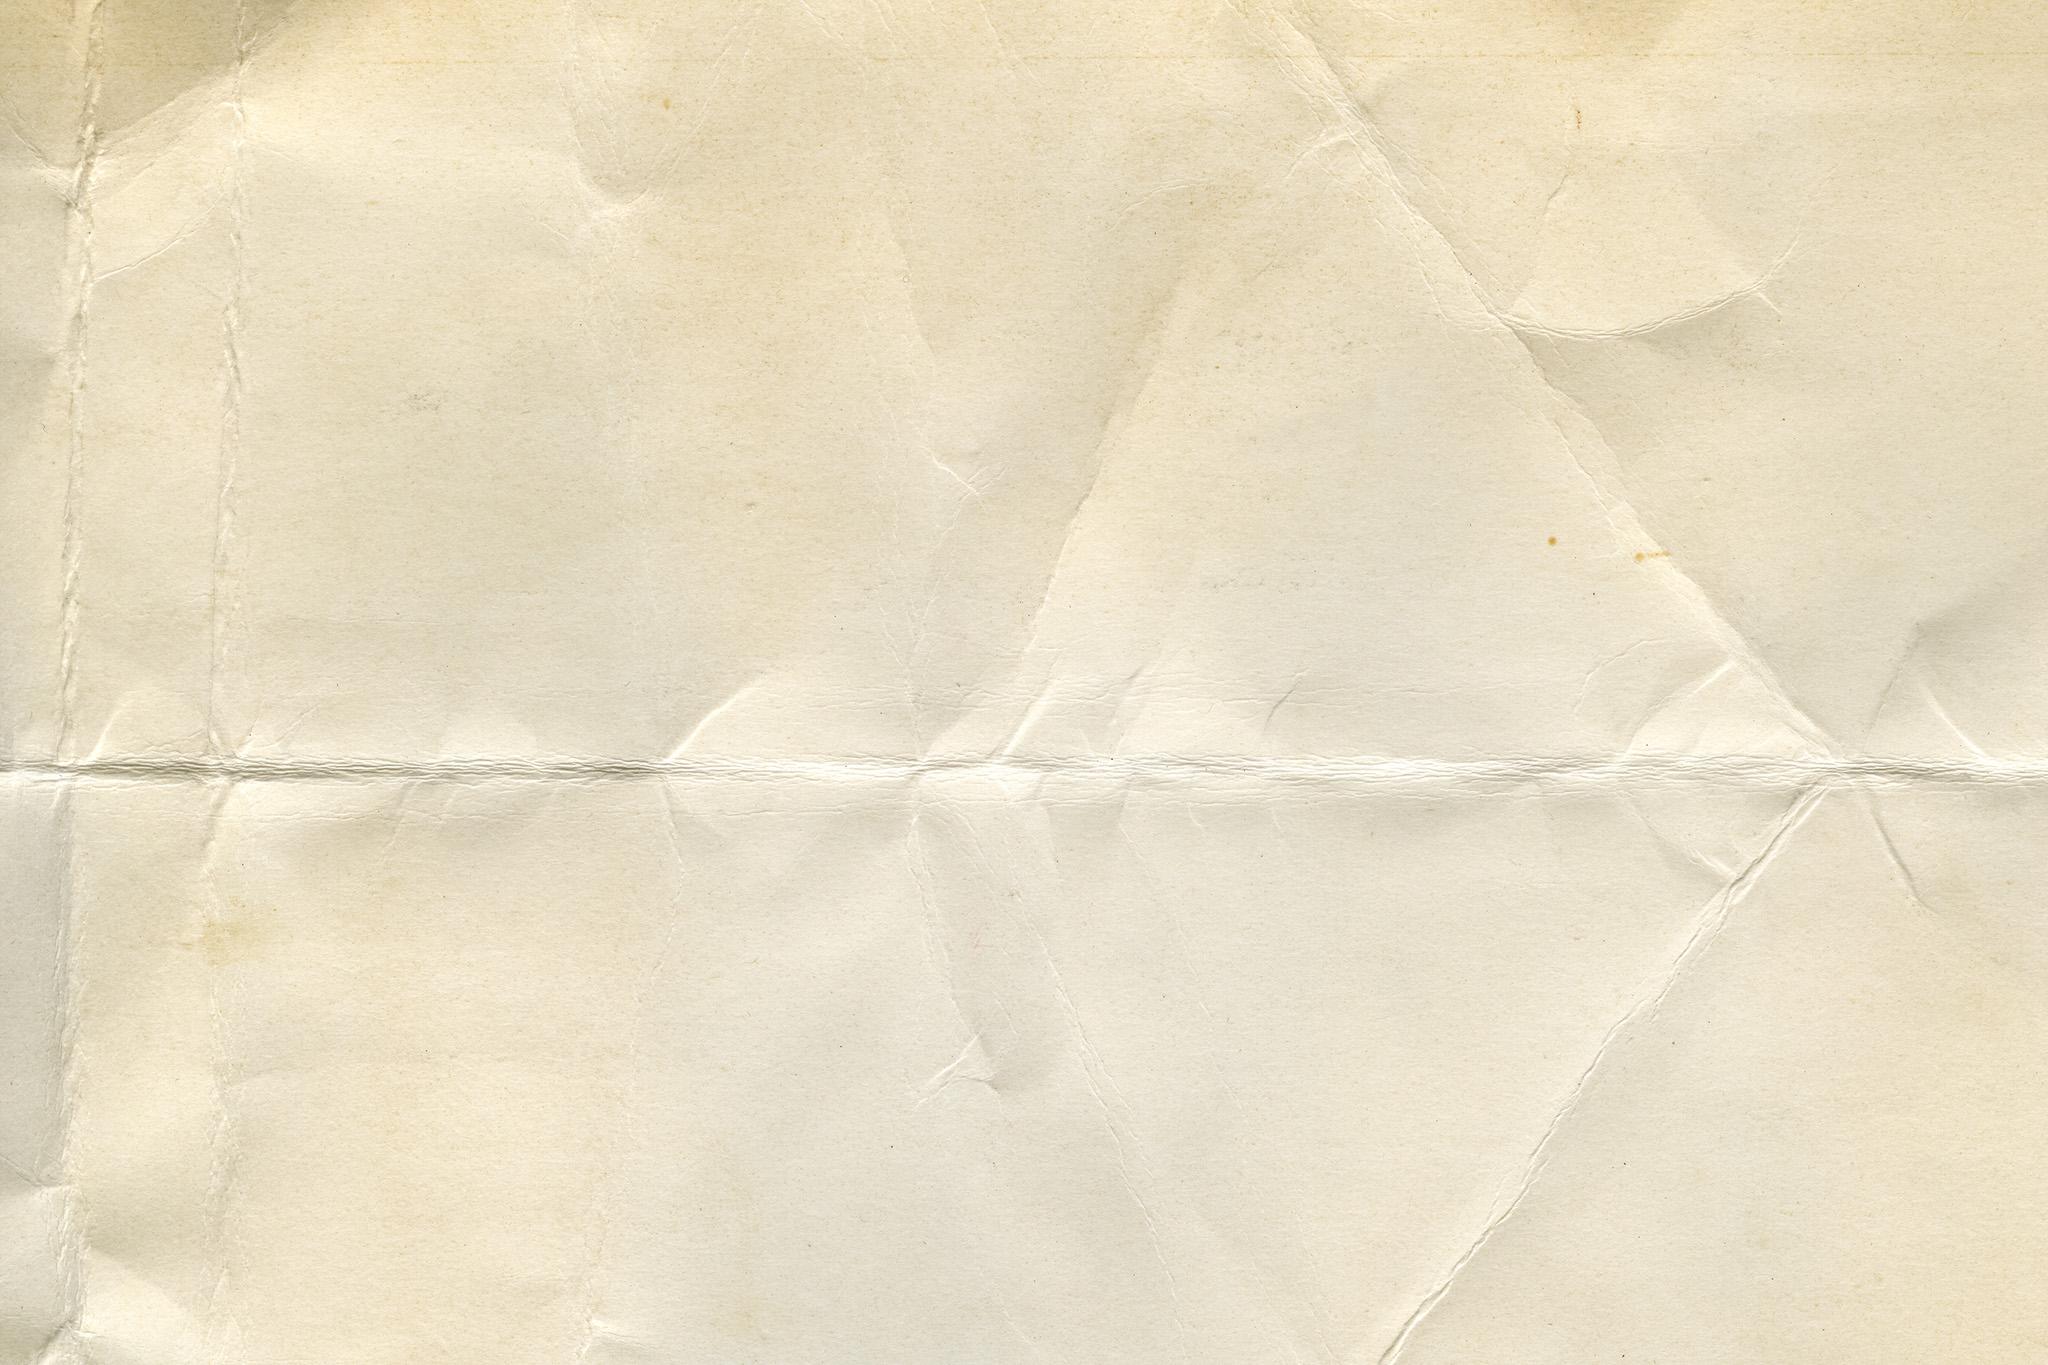 「折れ目やシワがある厚手の紙」の素材を無料ダウンロード